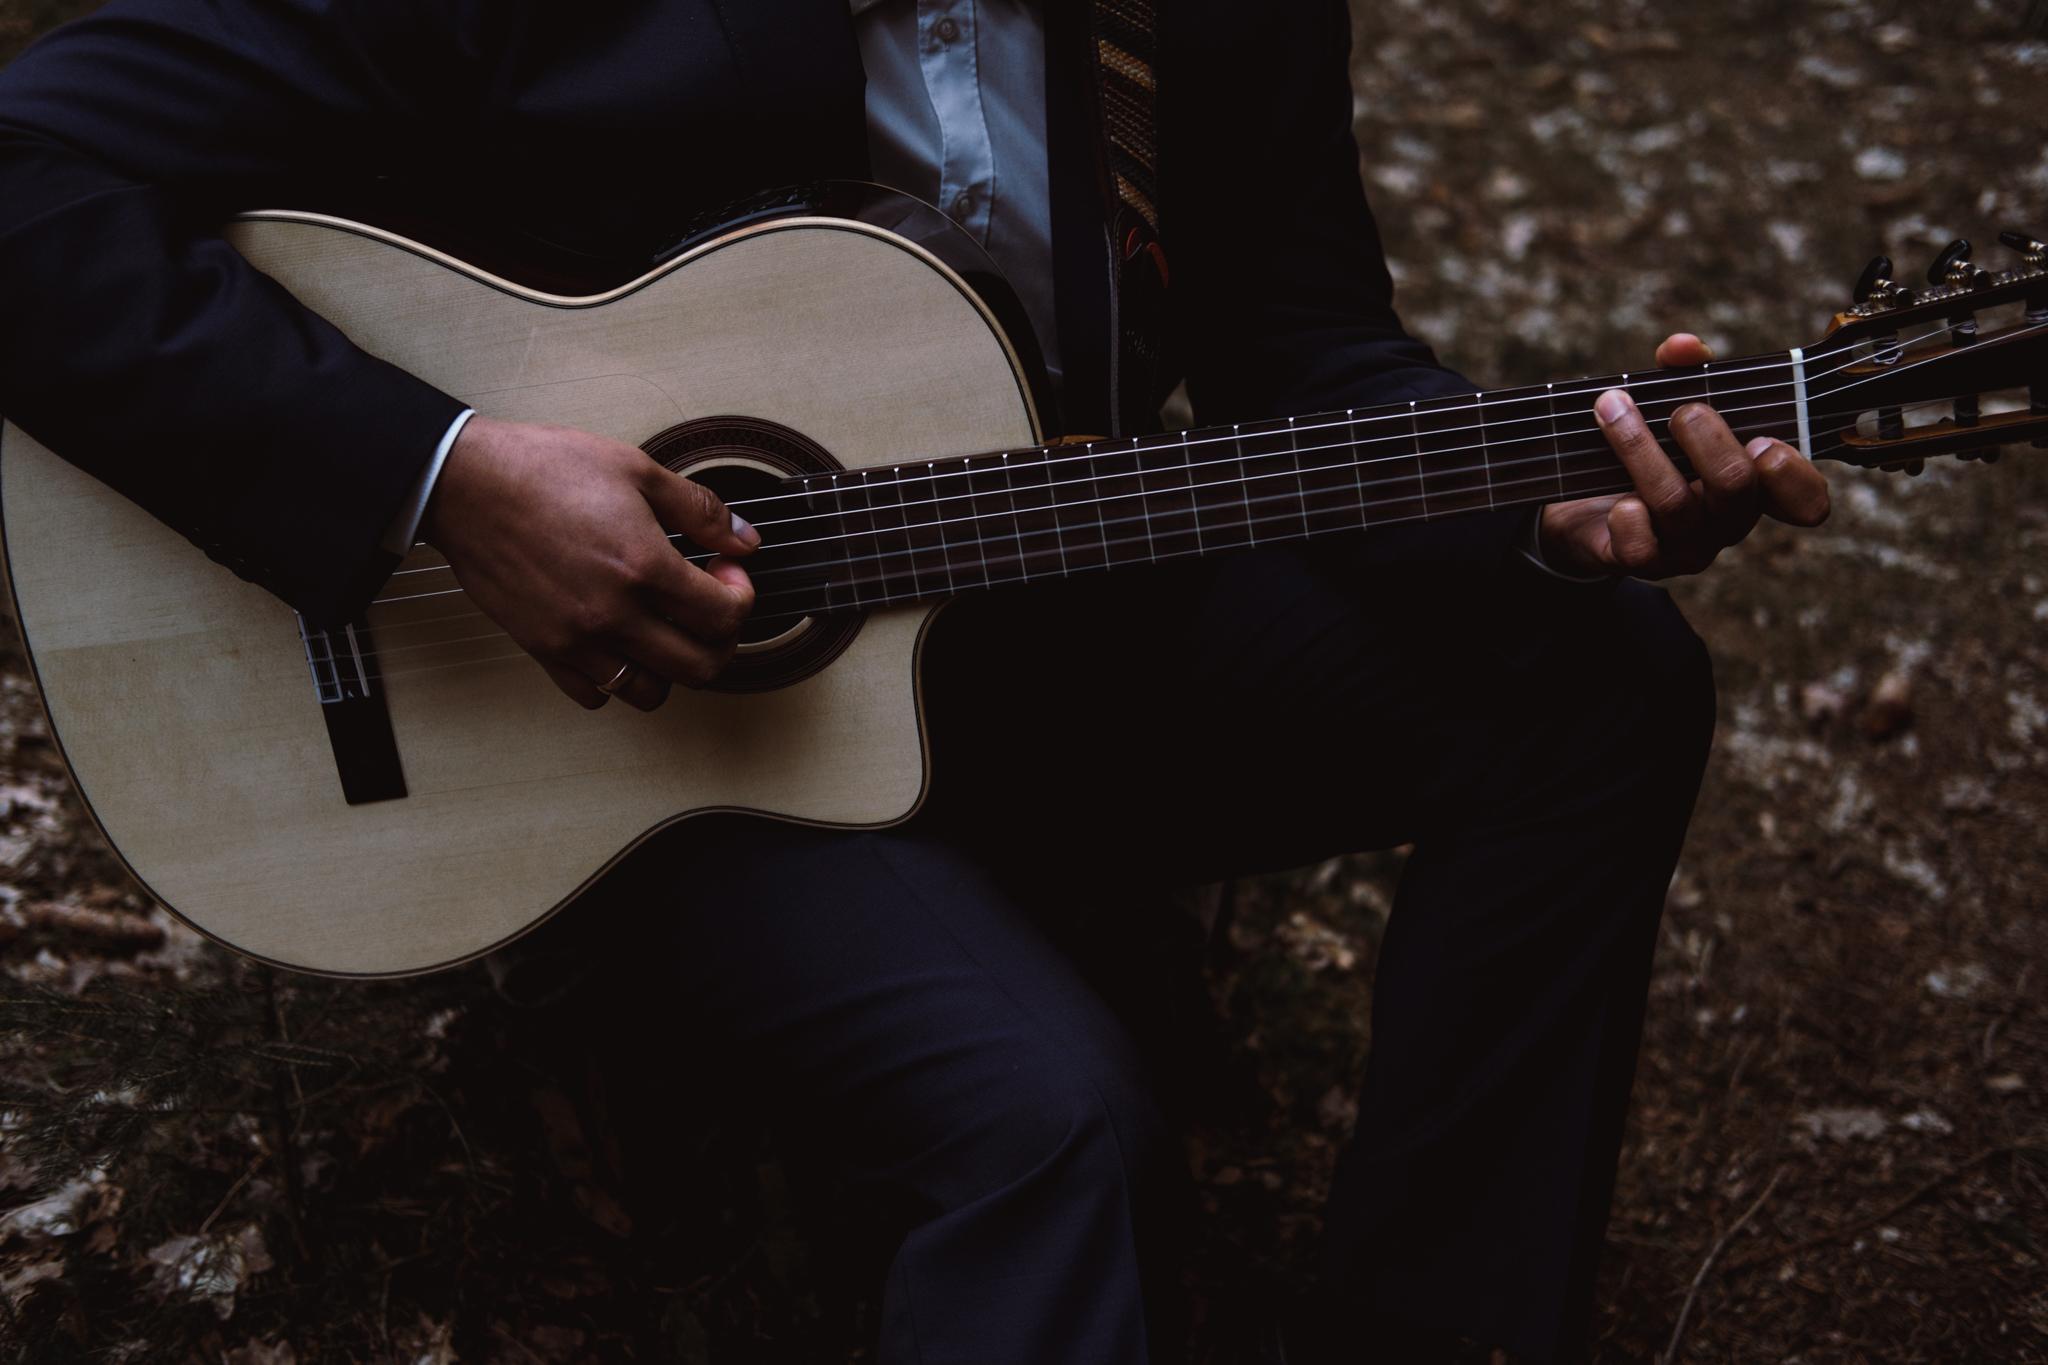 Bräutigam spielt Gitarre im Wald